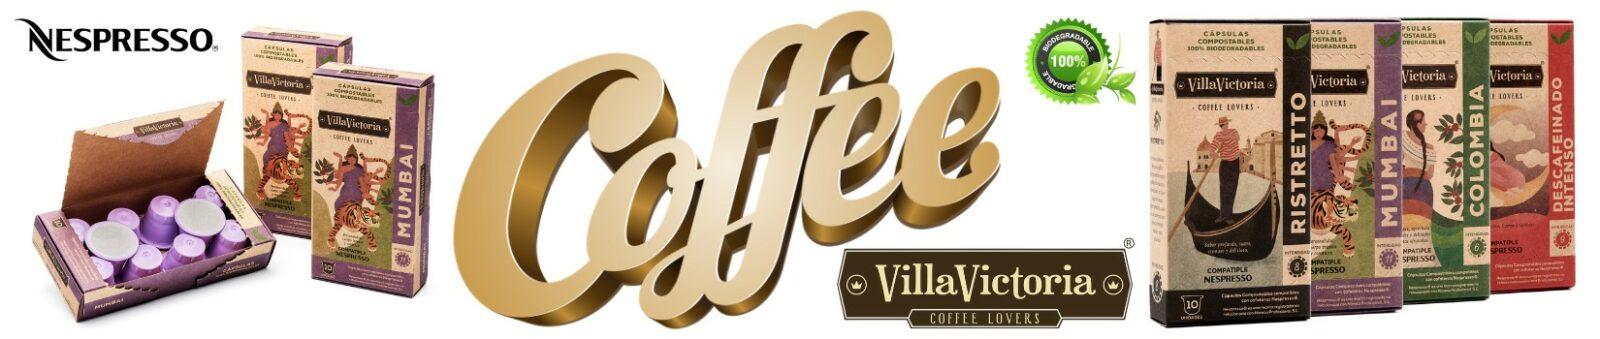 Cafés VillaVictoria